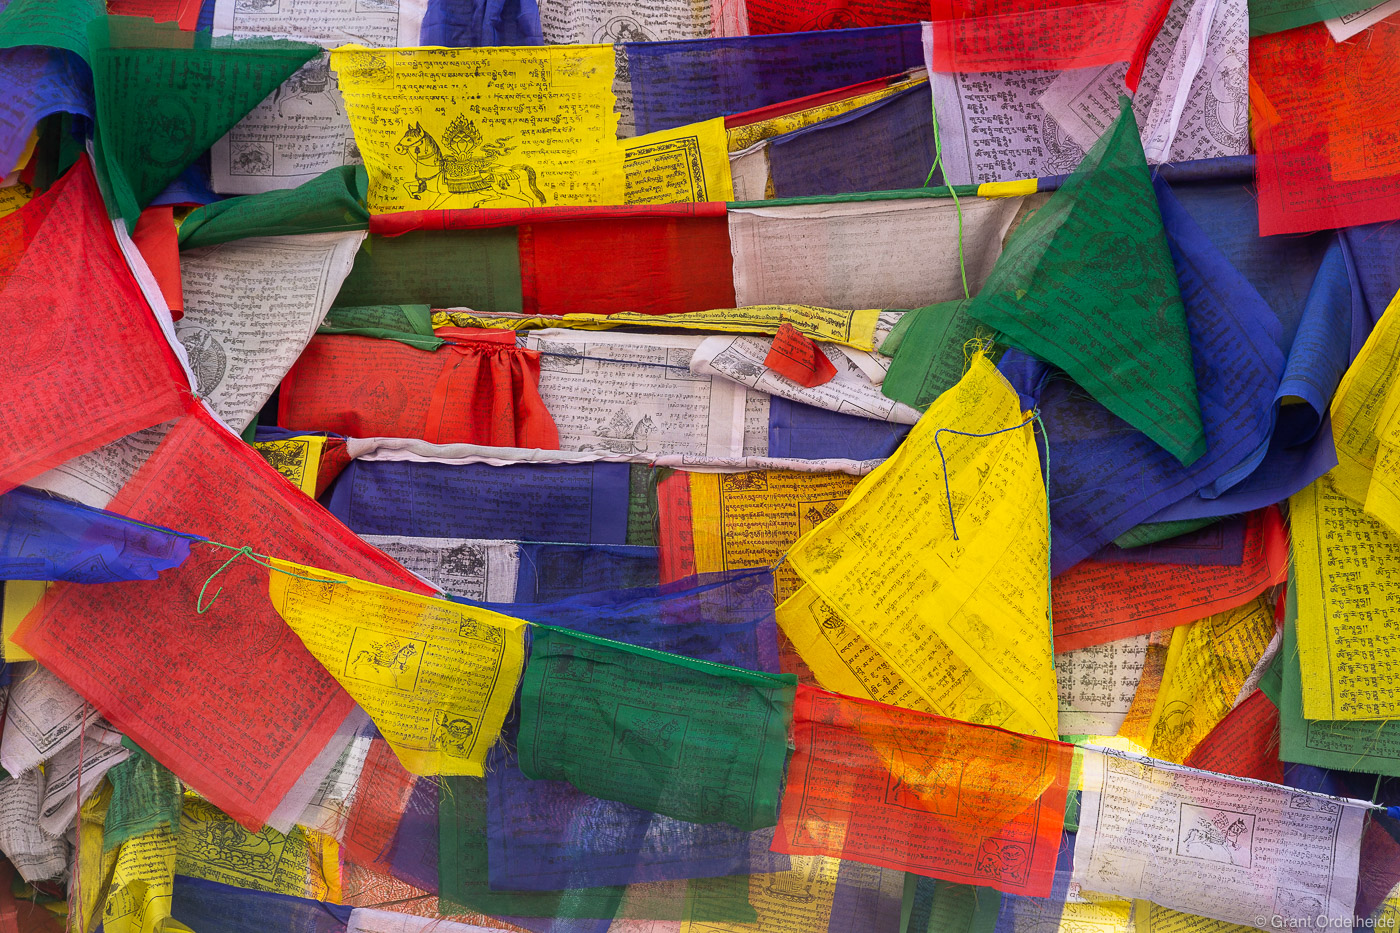 A pattern of prayer flags at Bodhnath Stupa in Katmandu Nepal.